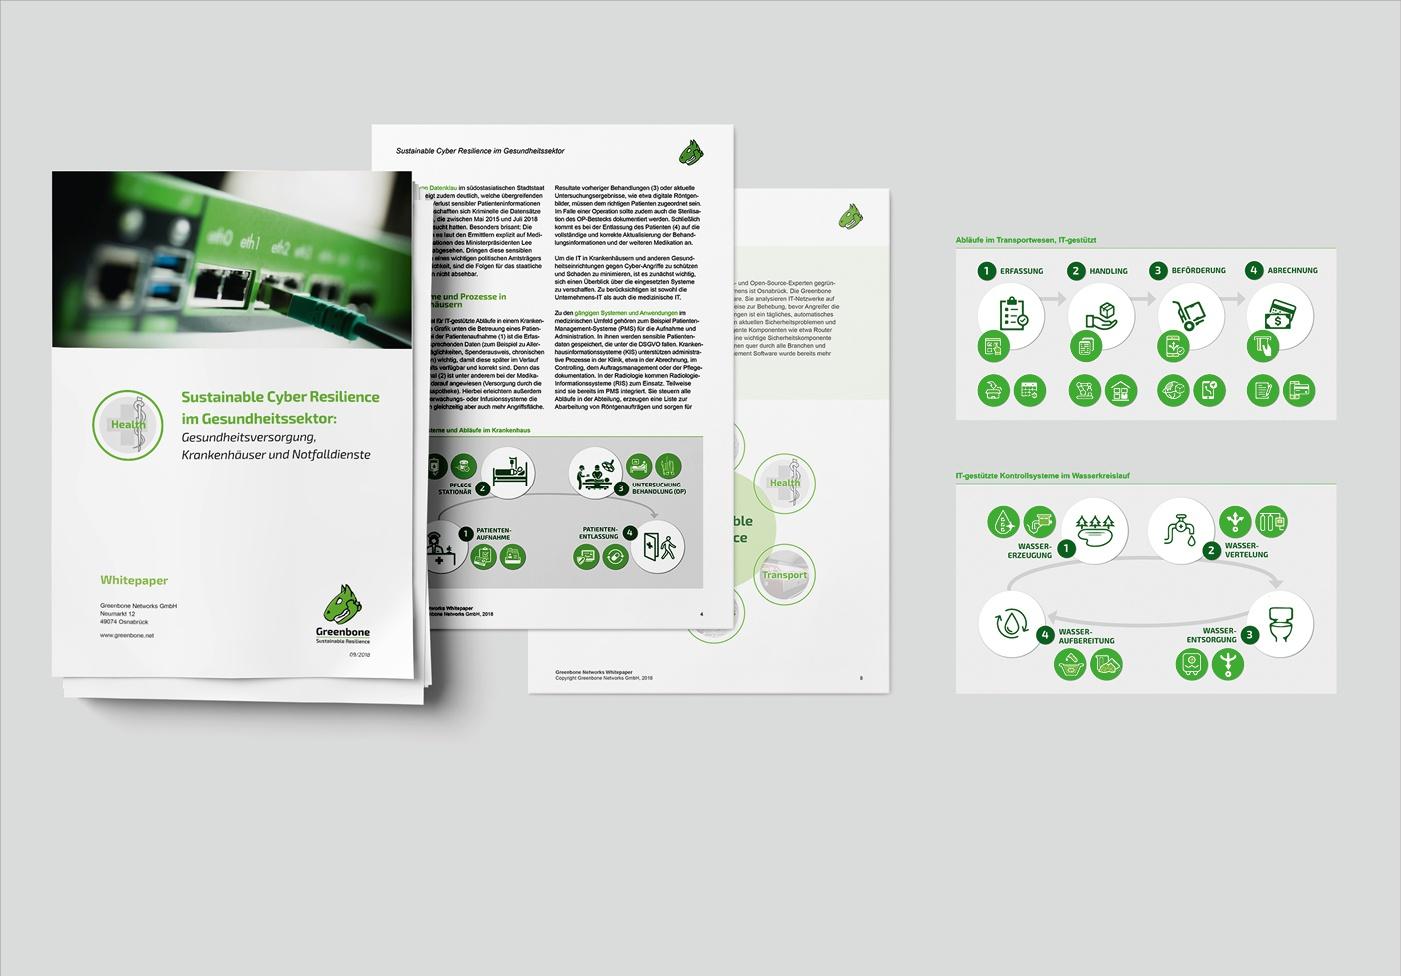 Greenbone Networks GmbH: Auftrag über Akima Media, Whitepaper--Entwicklung: 6 Themenbereiche – deutsch und englisch, Infografiken